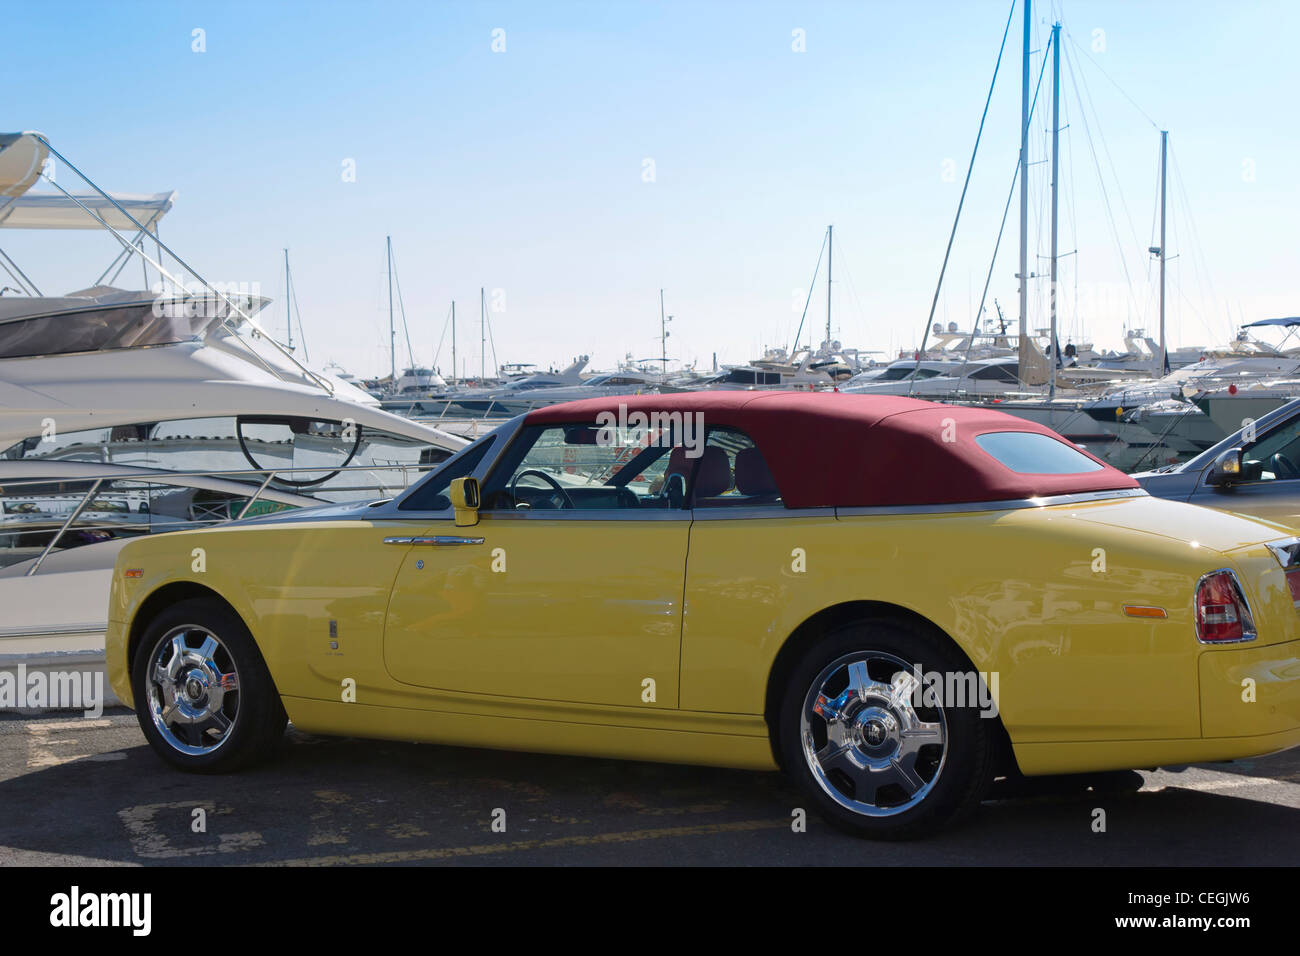 Yellow soft top convertible Rolls Royce parked in El Puerto José Banús, Marbella, Costa del Sol, Andalucia, - Stock Image